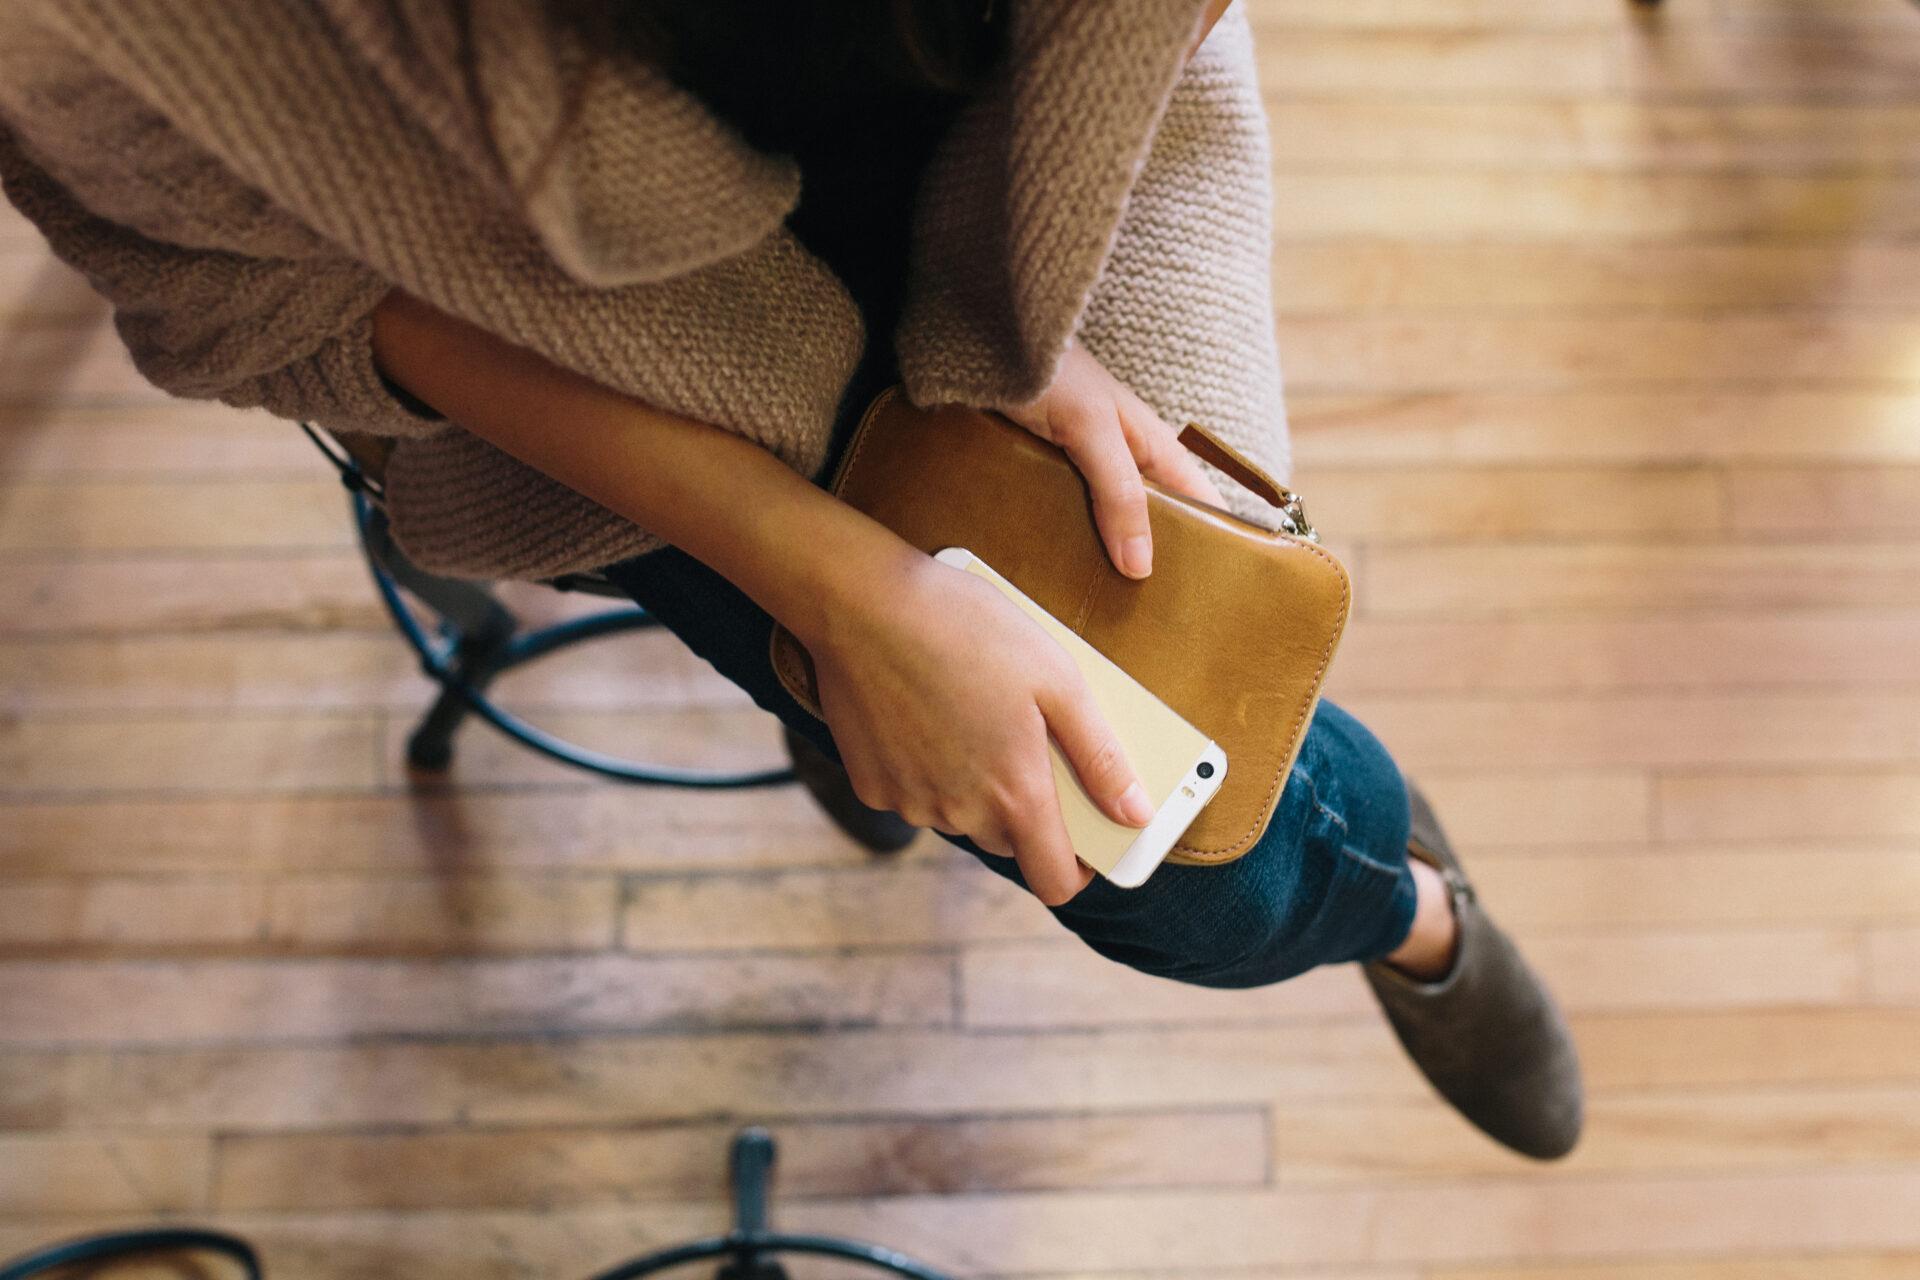 copywriting voor mobiel, schrijven voor smartphones en tablets, o moet je copywriten voor smartphones